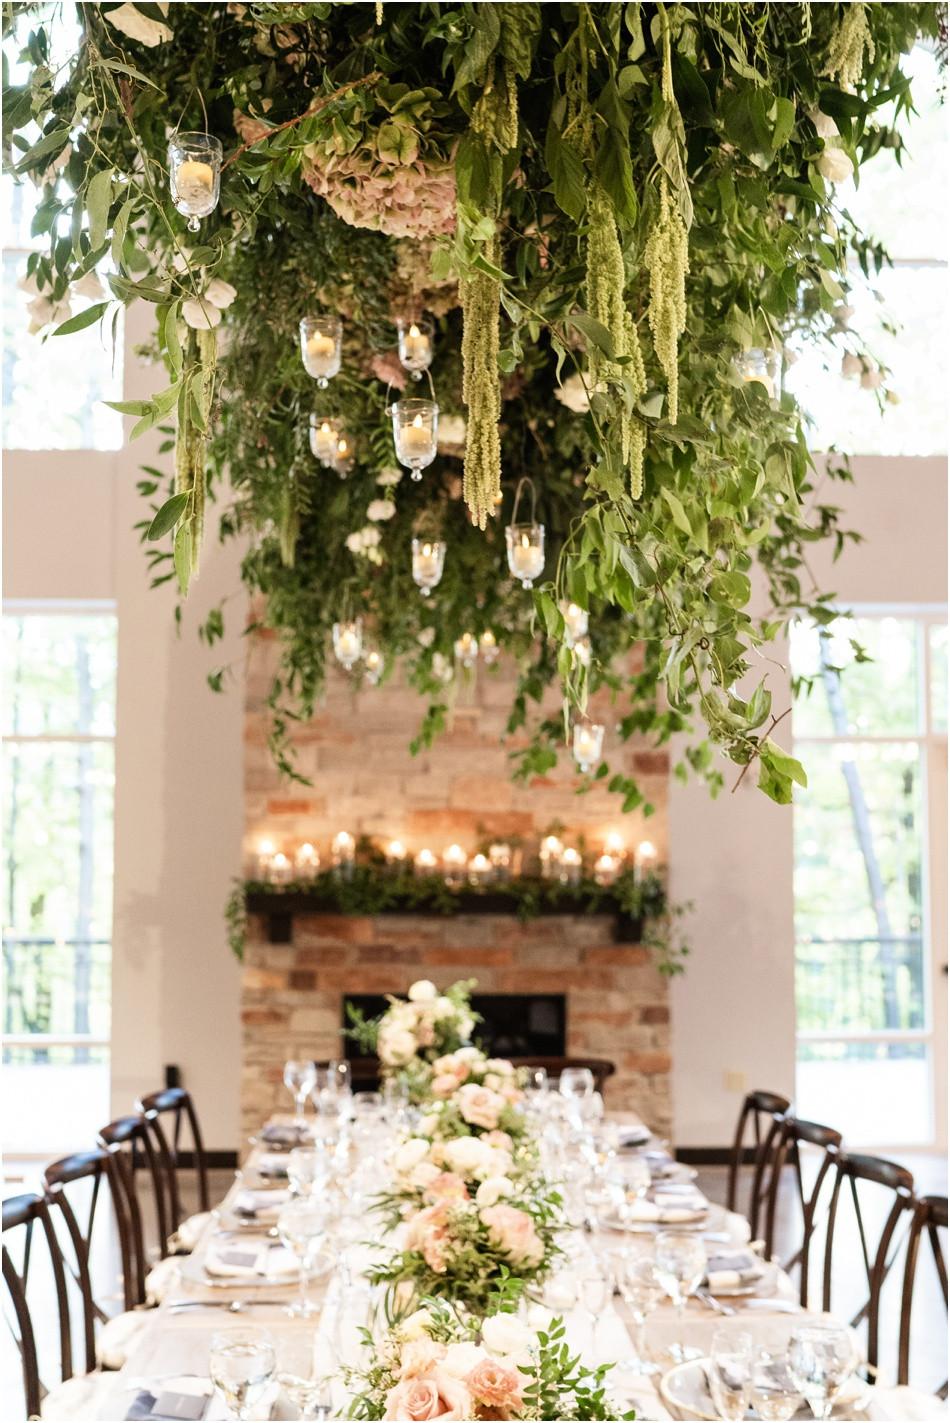 The-Bluffs-At-Connor Prairie-Wedding-reception